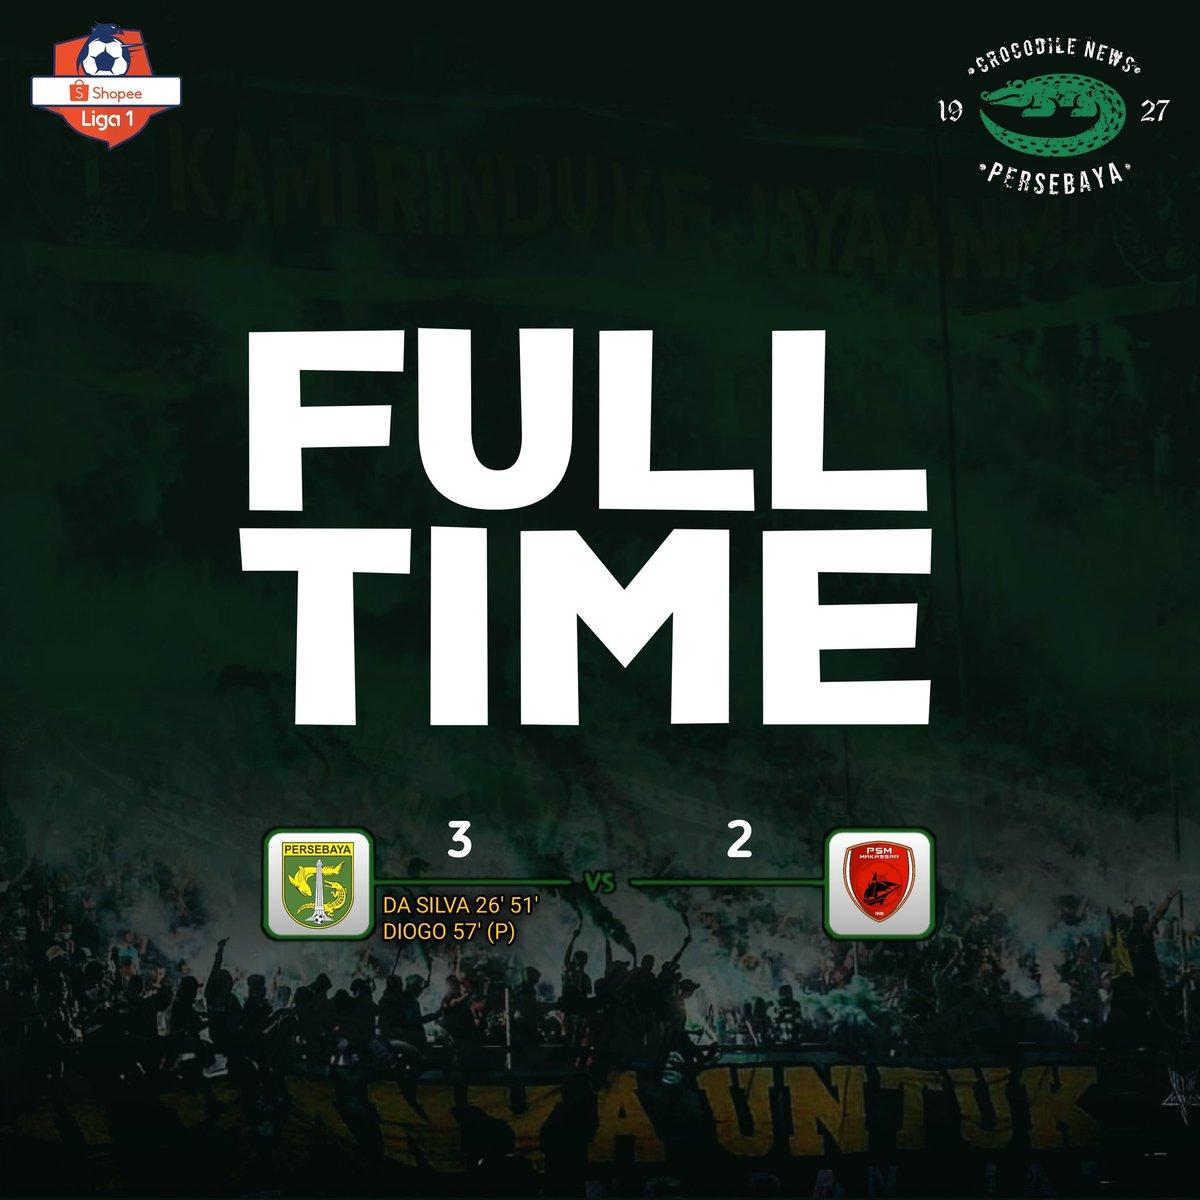 Full Time: Persebaya 3-2 Psm Makassar _ ⚽️ Da Silva 26' 51' ⚽️ Diogo 68' (P)  Alhamdulillah Tiga poin di Batakan! Fokus di Pertandingan selanjutnya! . #Persebaya #bajolijo #greenforce #CrocodileNews #bonek #bonita #PersebayaDay